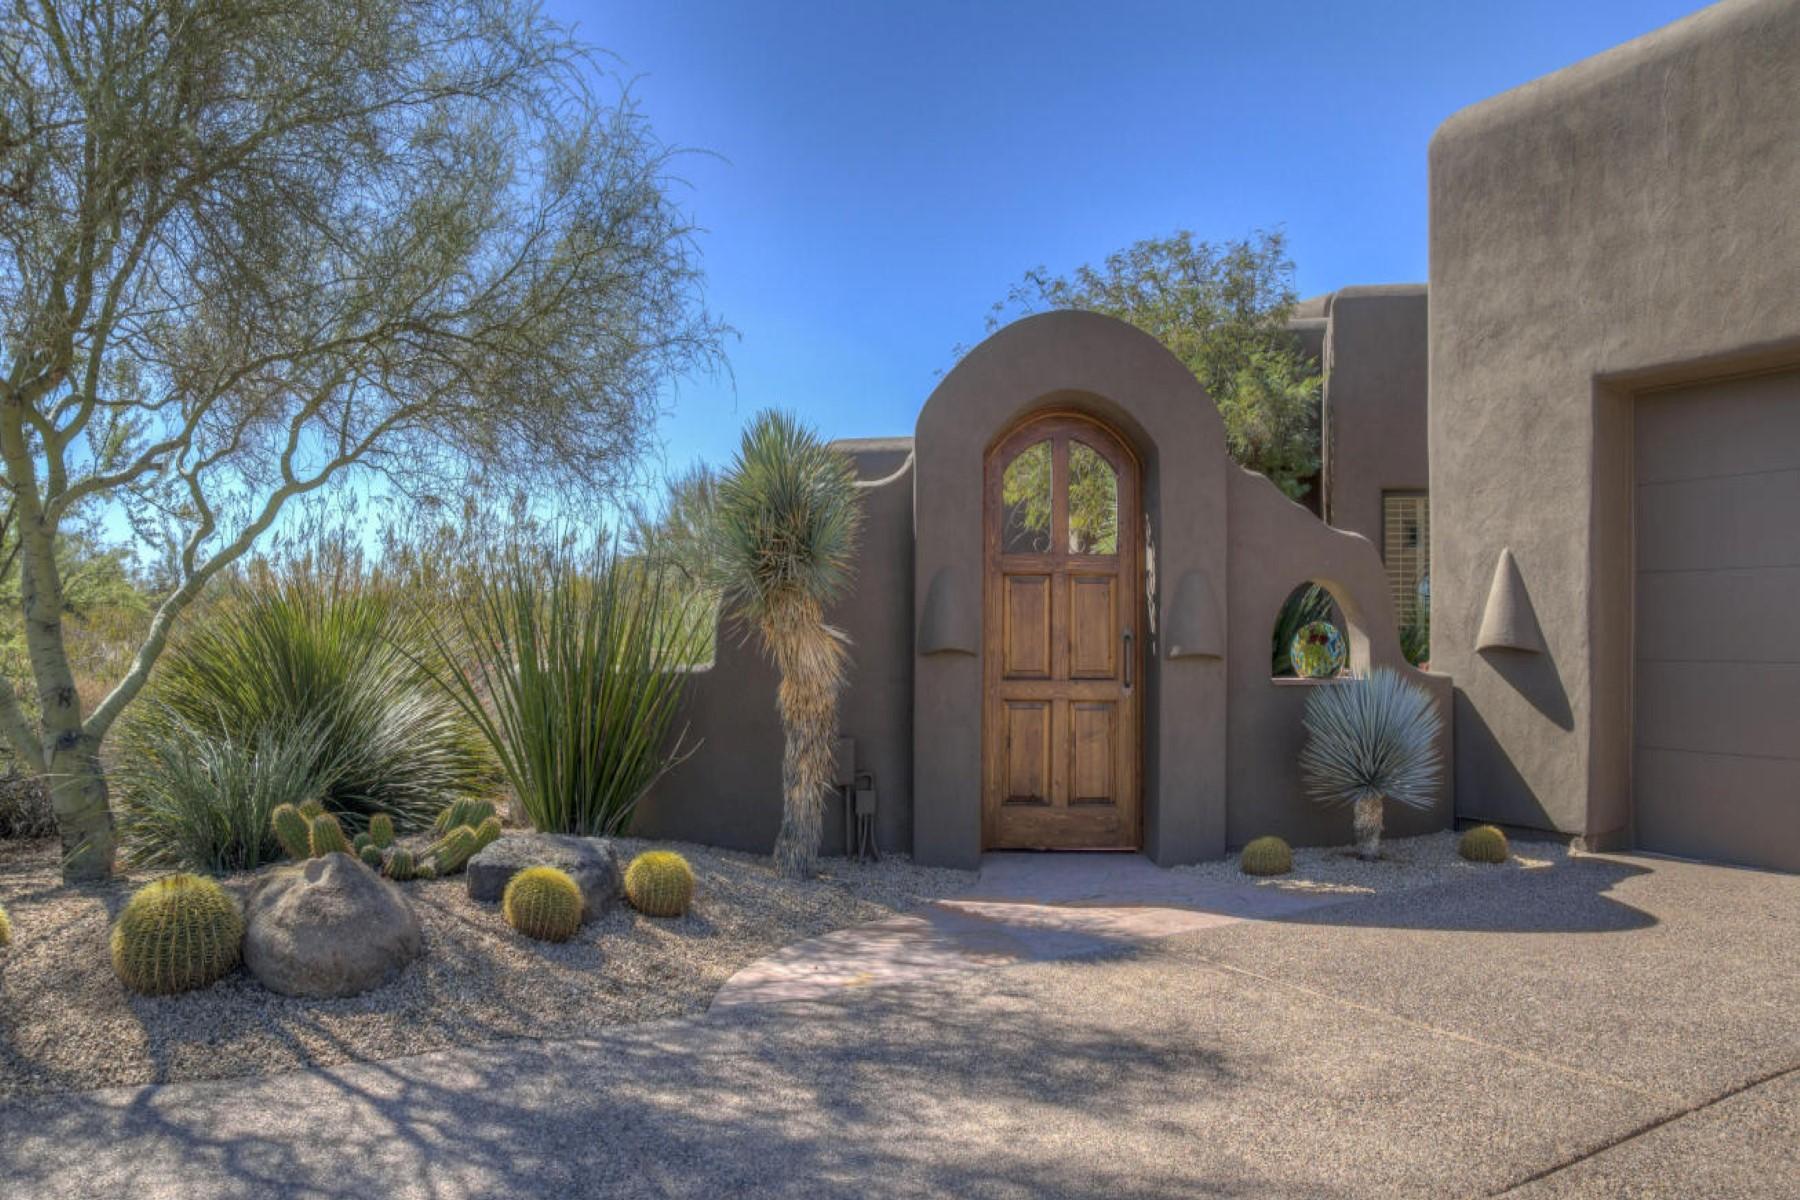 一戸建て のために 売買 アット Immaculate home located in Scottsdale 30600 N Pima Rd #46 Scottsdale, アリゾナ, 85266 アメリカ合衆国